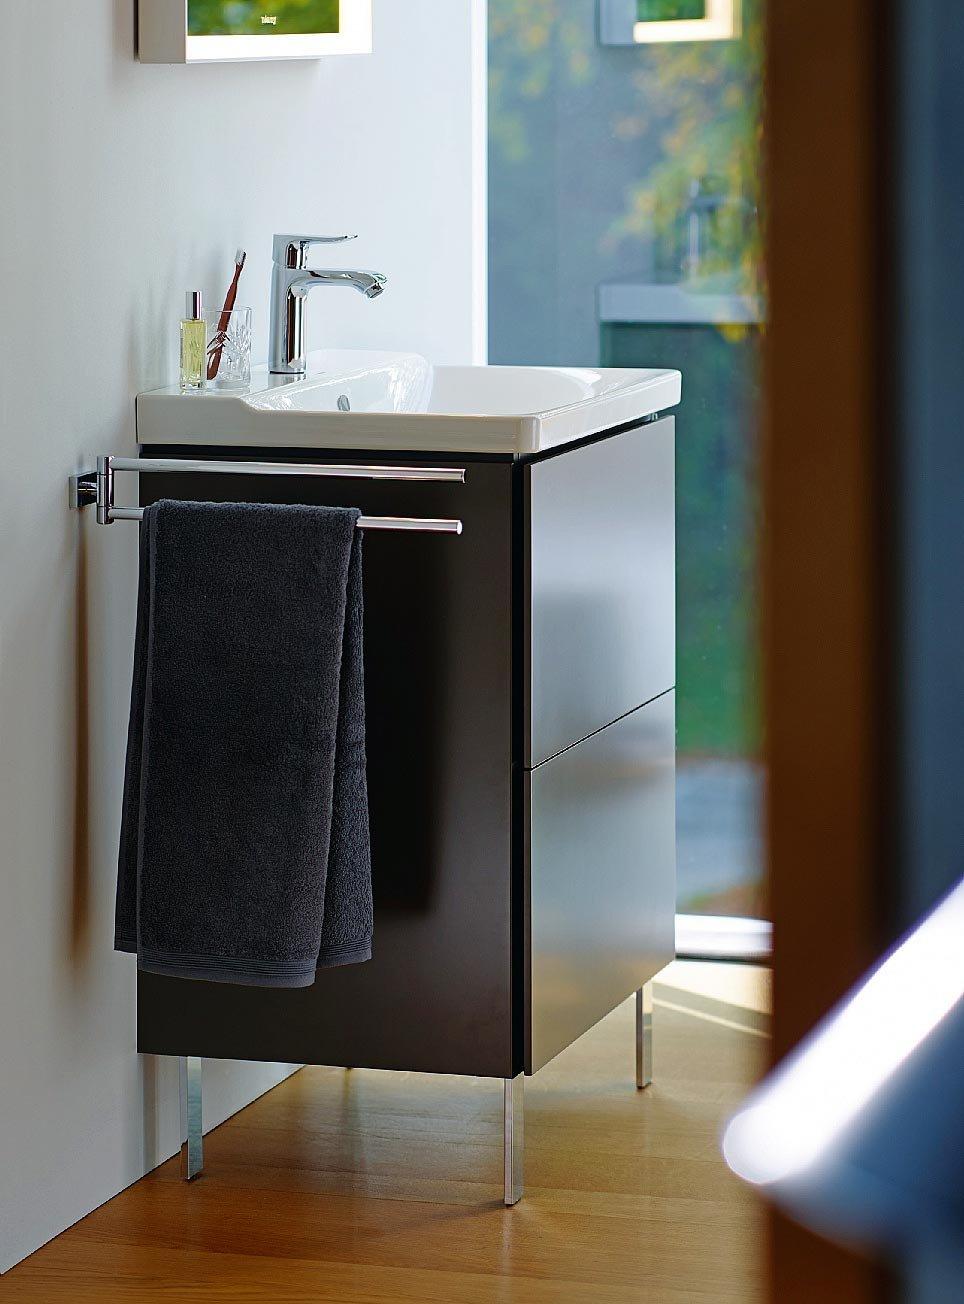 Rubinetti per lavabo 28 modelli diversi per ogni bagno - Modelli di bagno ...